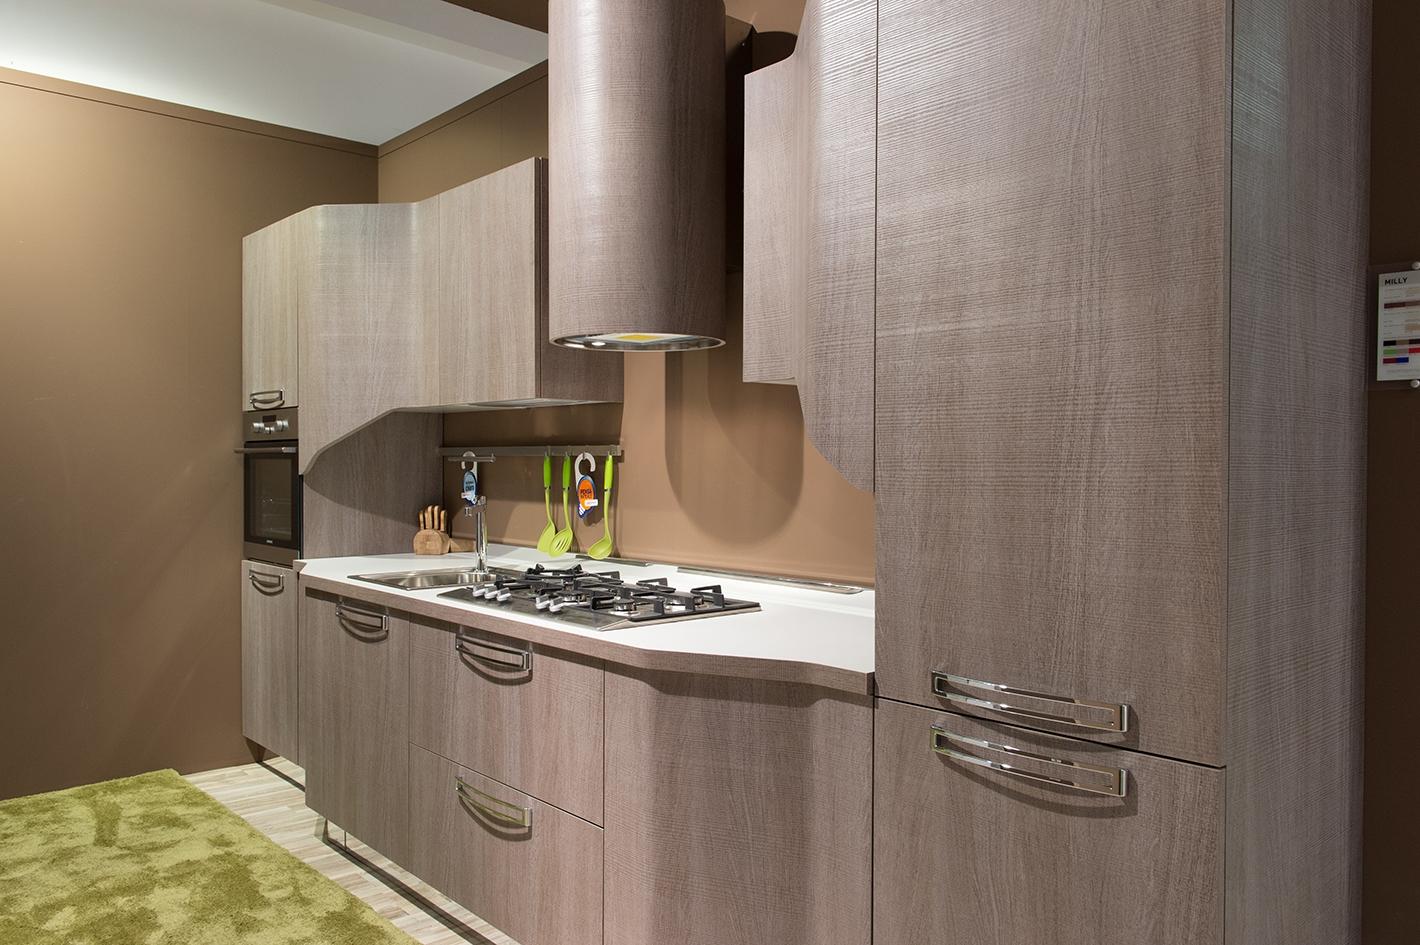 Awesome stosa cucine torino gallery - Quanto costa una cucina ...